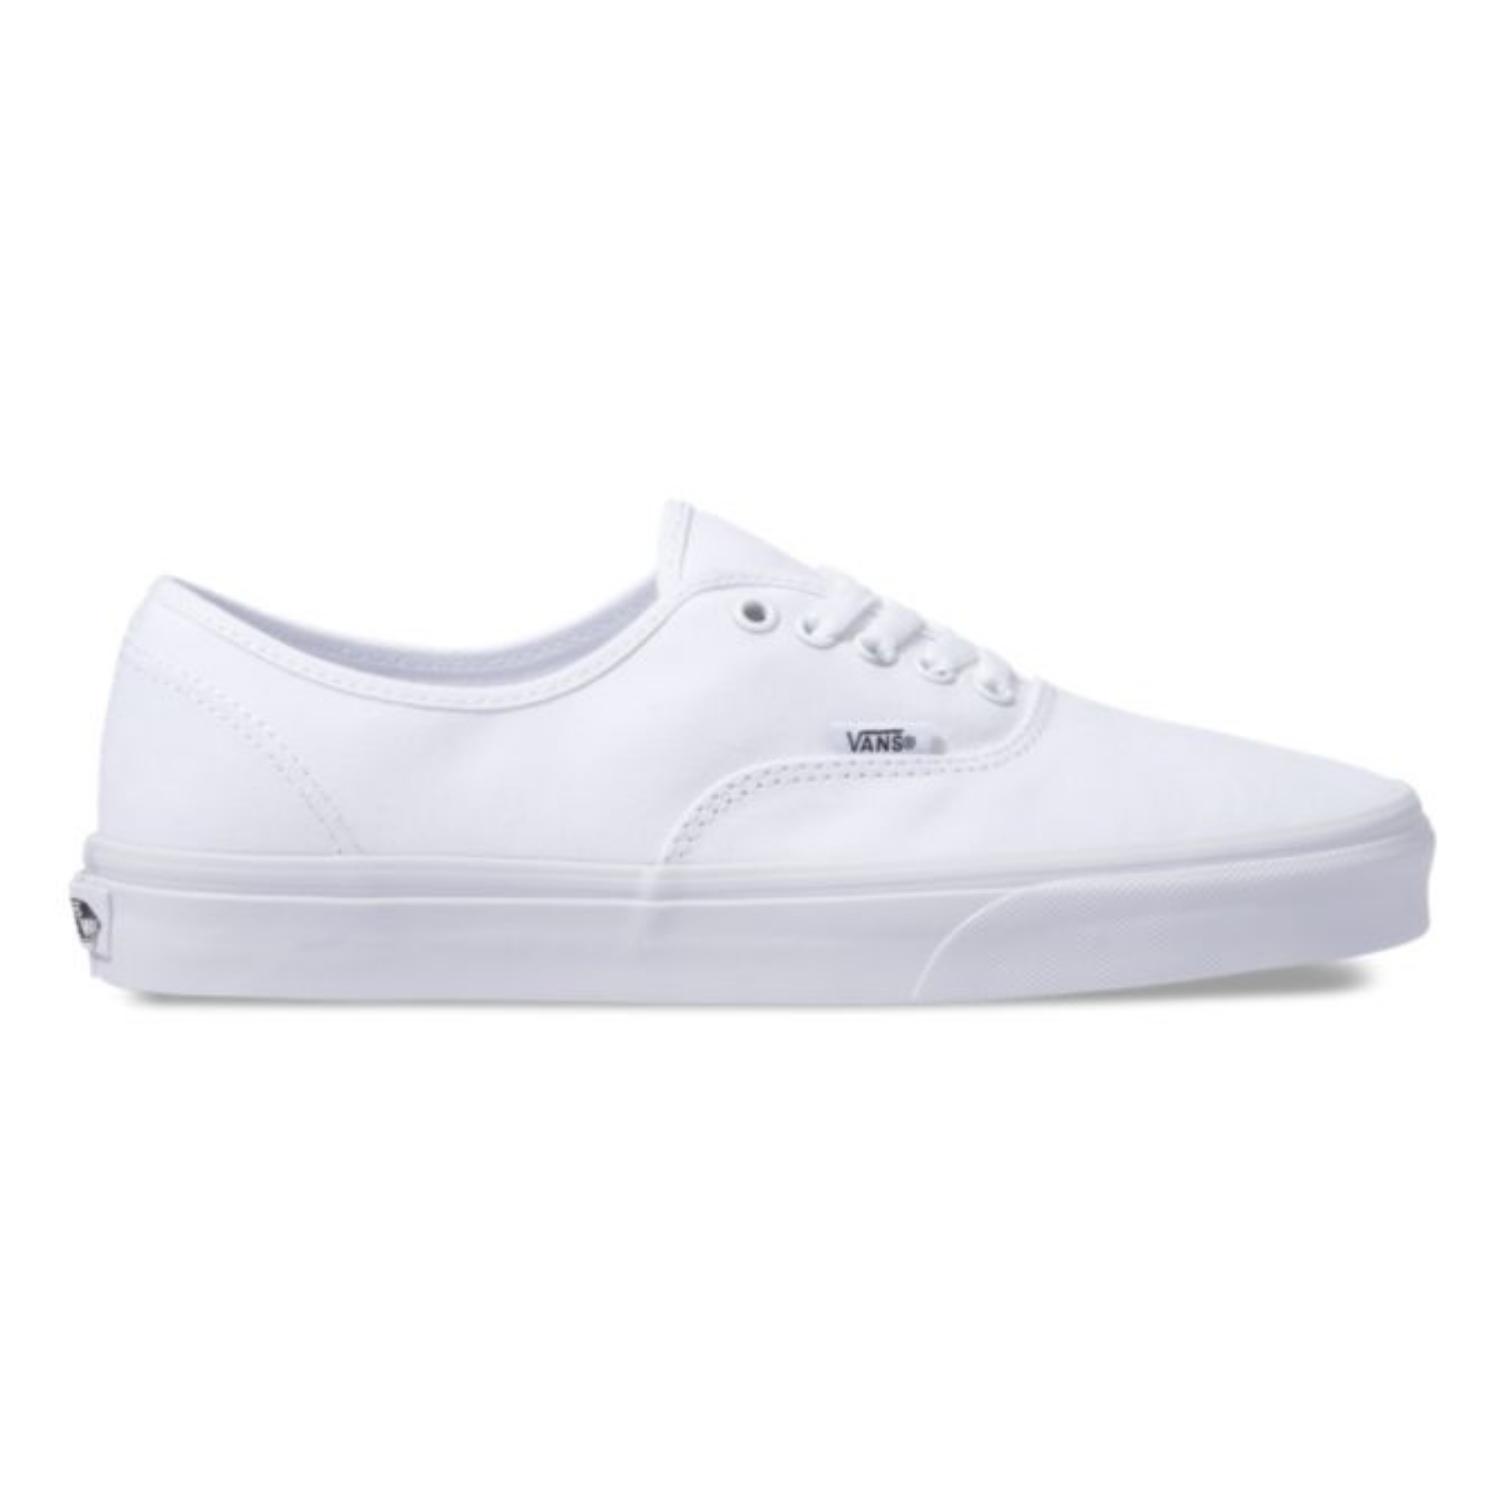 Vans Authentic True White Skate Shoes - Blauer Board Shop